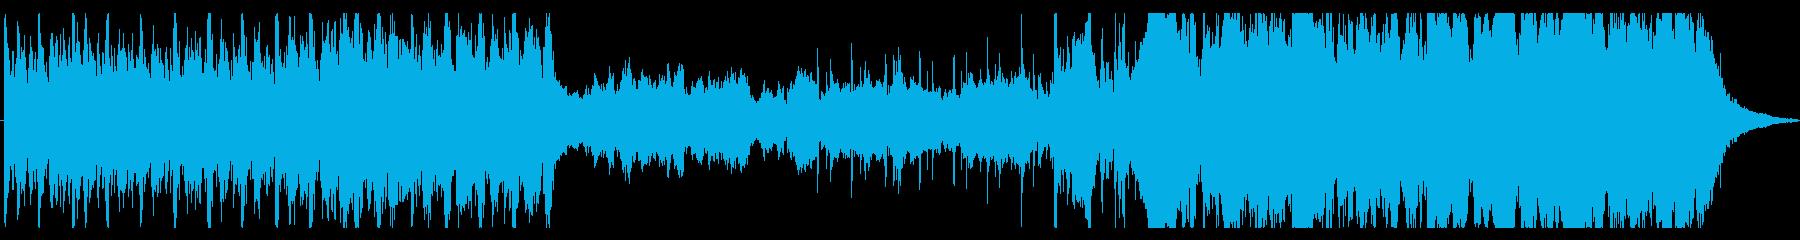 大河ドラマ風の勇壮なオーケストラ曲の再生済みの波形